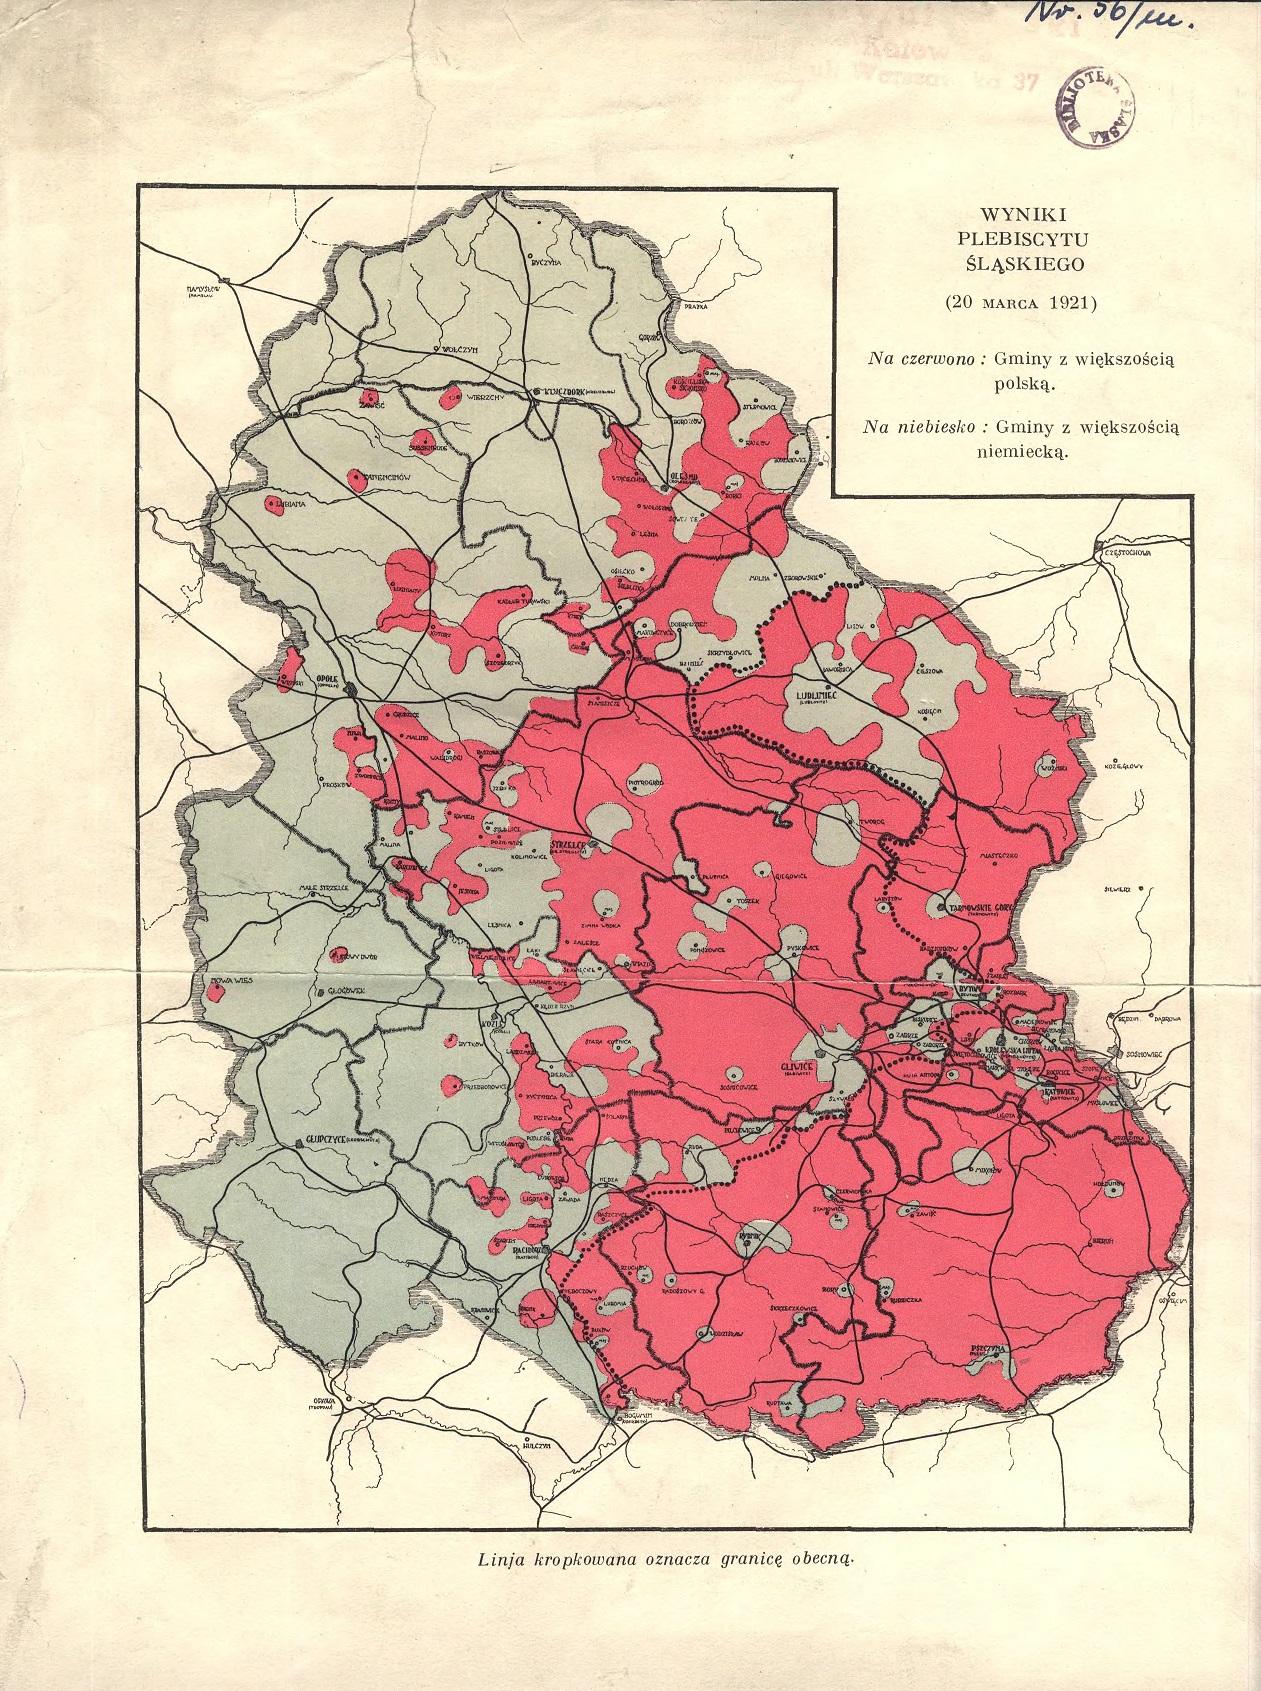 Mapa ukazująca wyniki plebiscytu liczone gminami (zbiory Archiwum Państwowego w Katowicach)